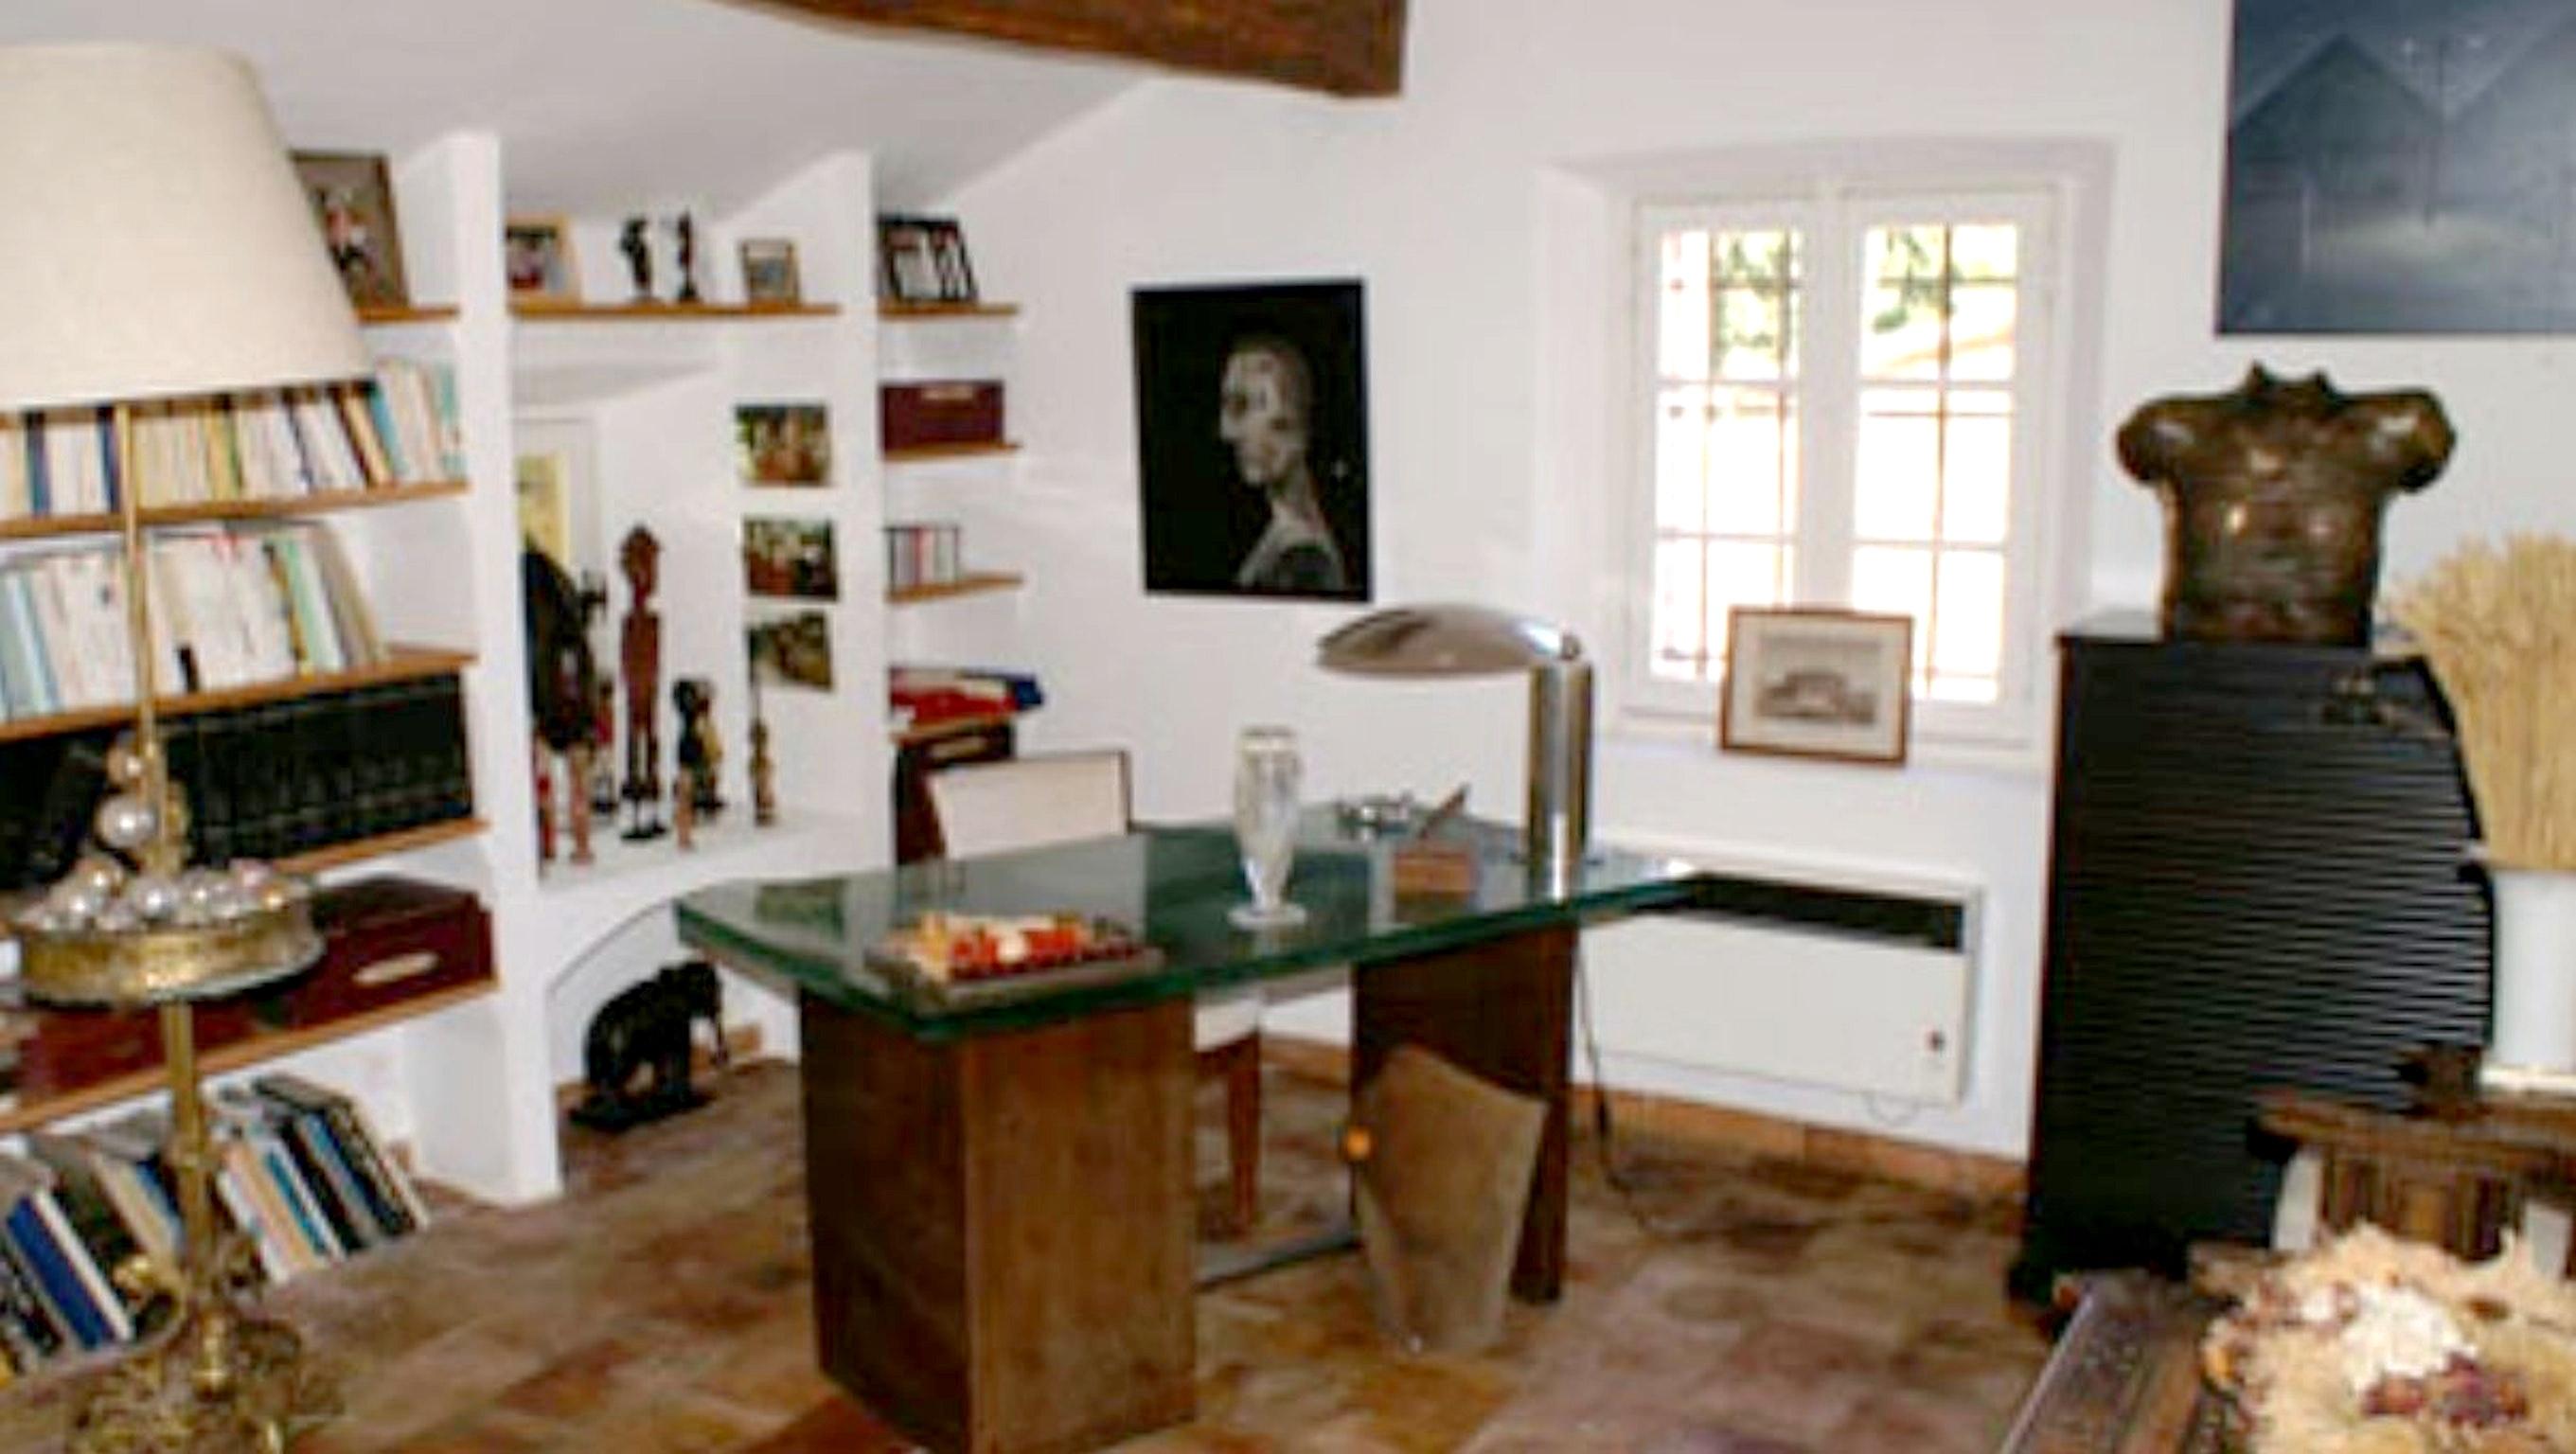 Maison de vacances Villa mit 5 Zimmern in La Garde-Freinet mit privatem Pool, Garten und W-LAN - 20 km vom St (2339879), La Garde Freinet, Côte d'Azur, Provence - Alpes - Côte d'Azur, France, image 12